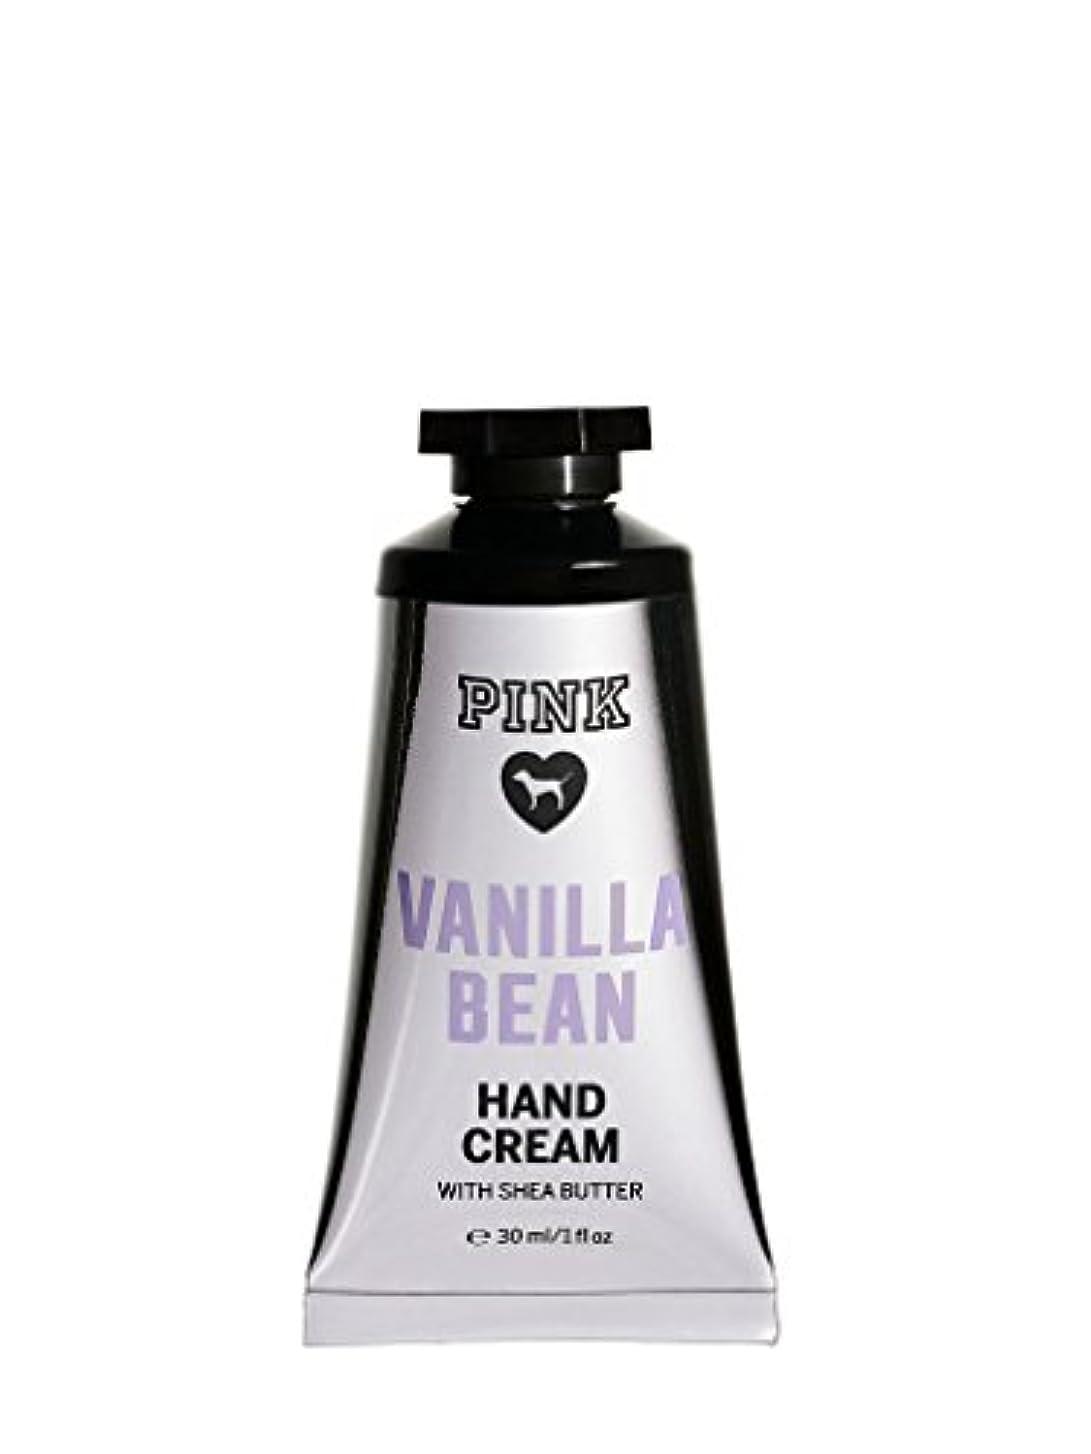 統治するアシストターゲットVICTORIA'S SECRET ヴィクトリアシークレット/ビクトリアシークレット PINK バニラビーンズ ハンドクリーム/PINK HAND CREAM [並行輸入品]